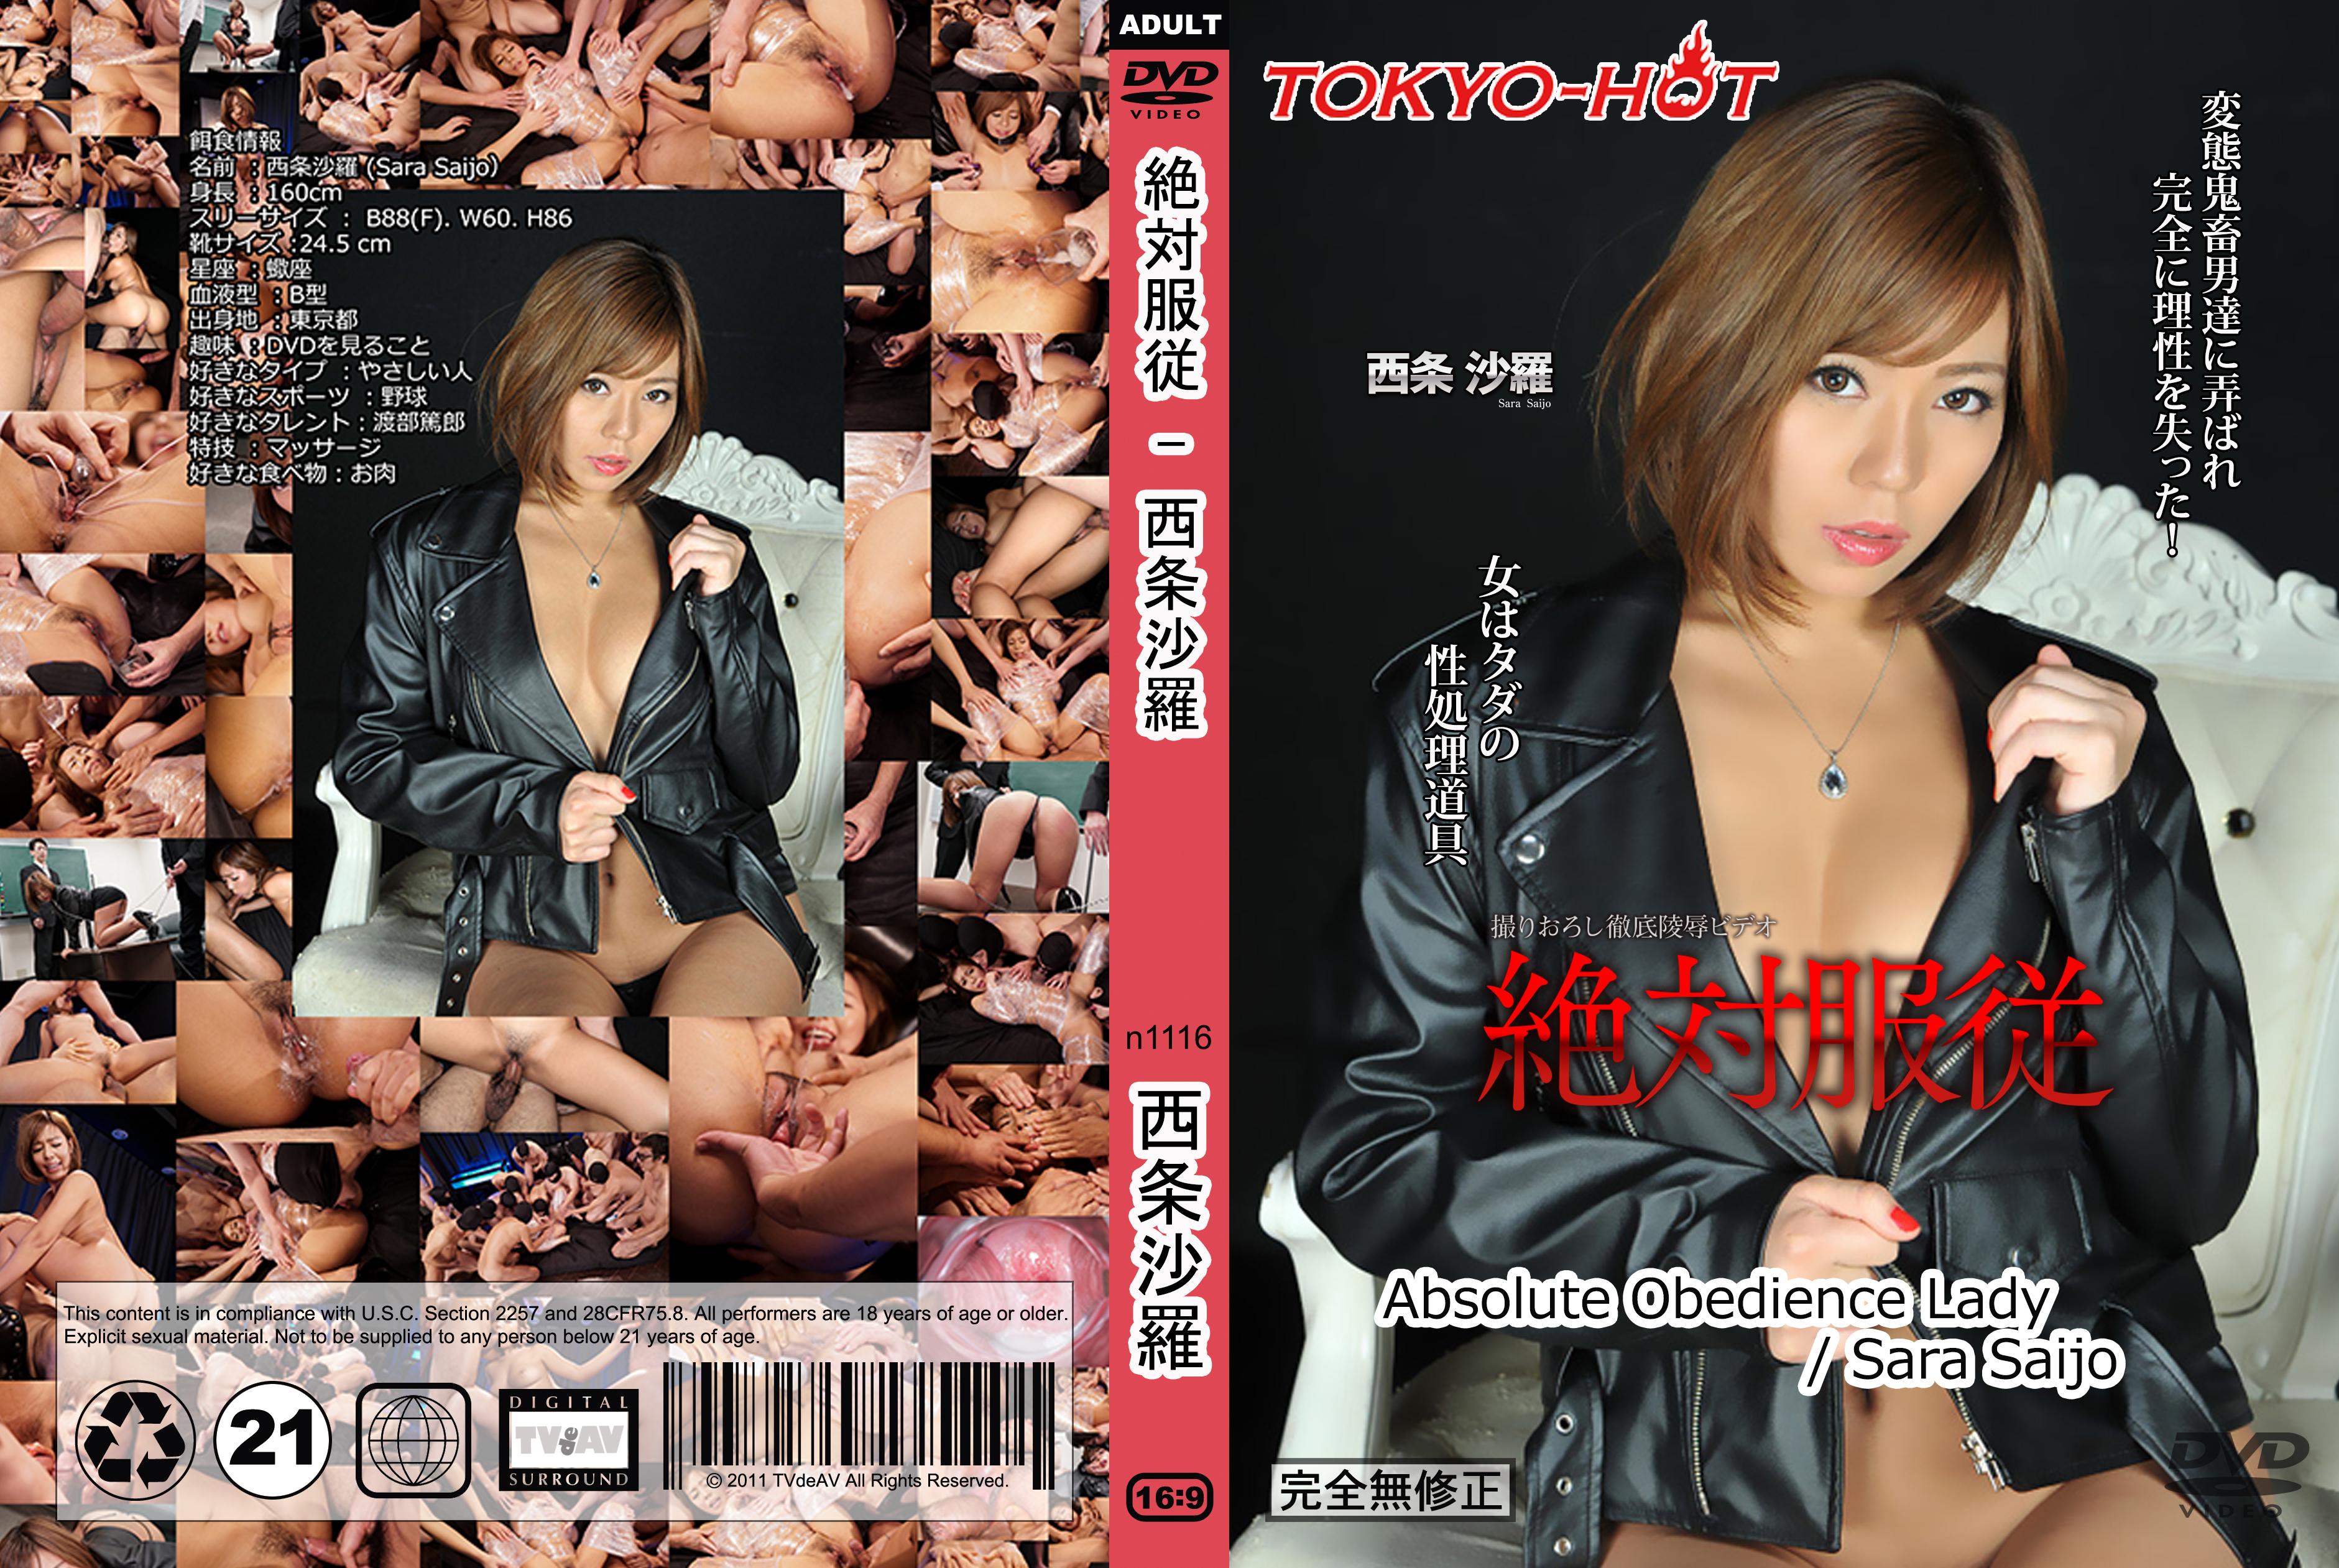 tokyo-hot-n1116-絶対服従 - 西条沙羅